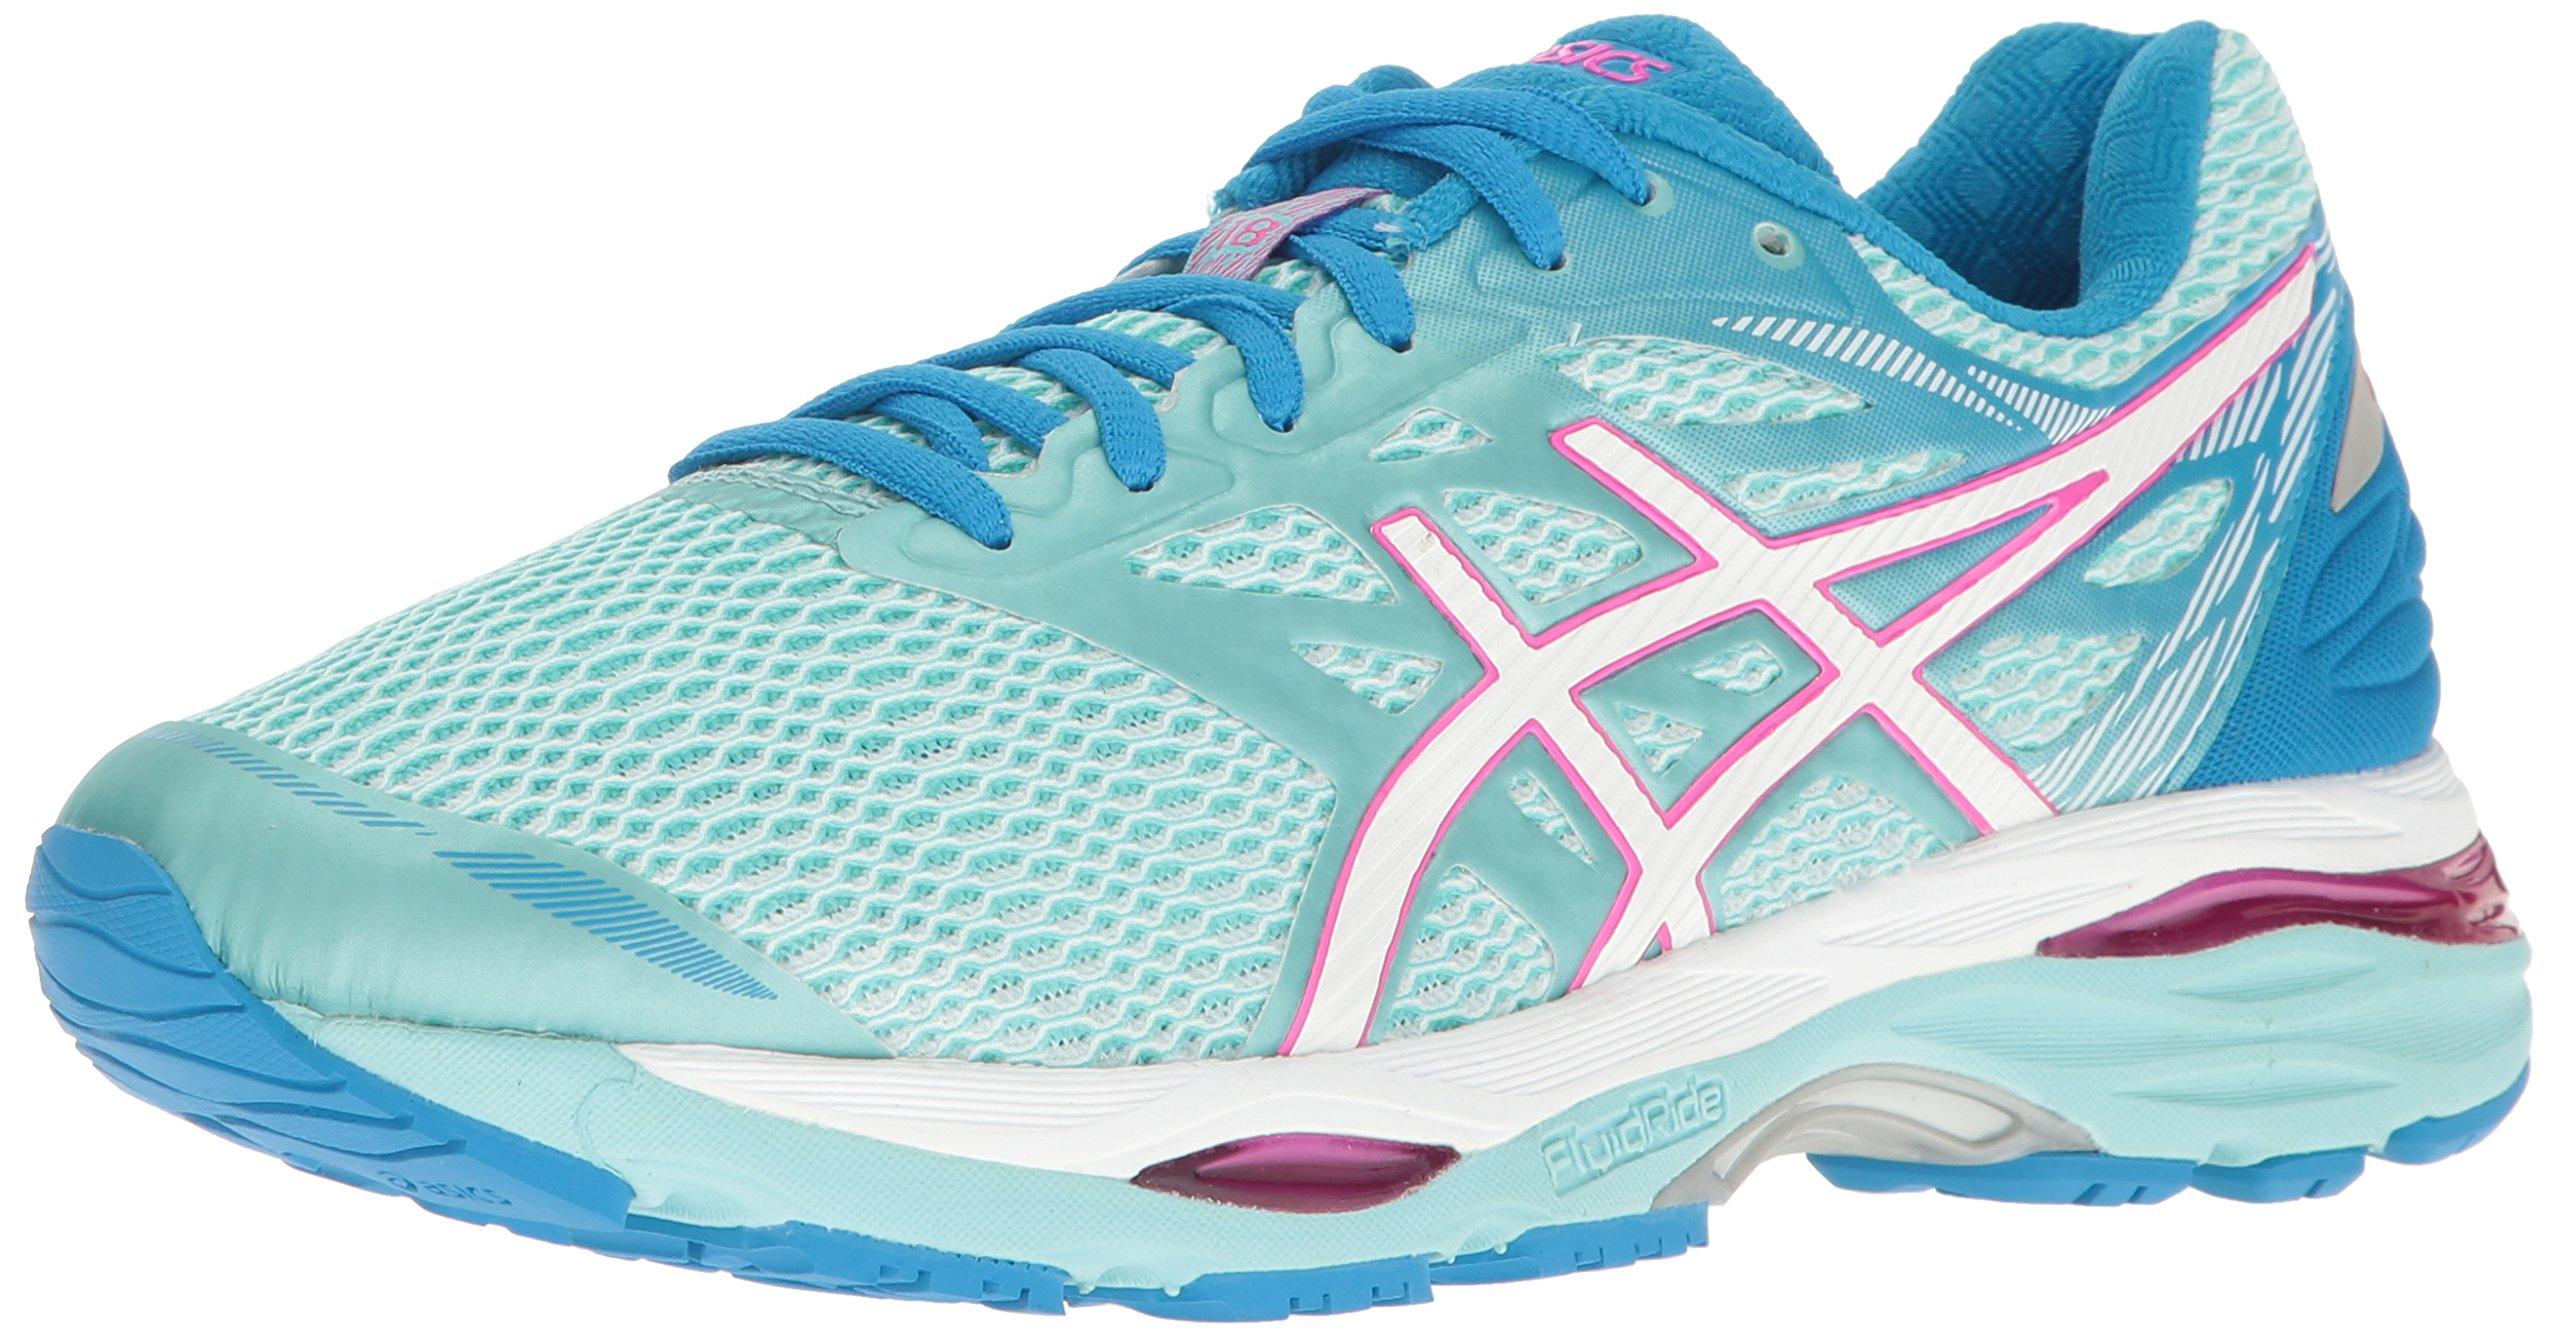 ASICS Women's Gel-Cumulus 18 Running Shoe, Aqua Splash/White/Pink Glow, 7.5 M US